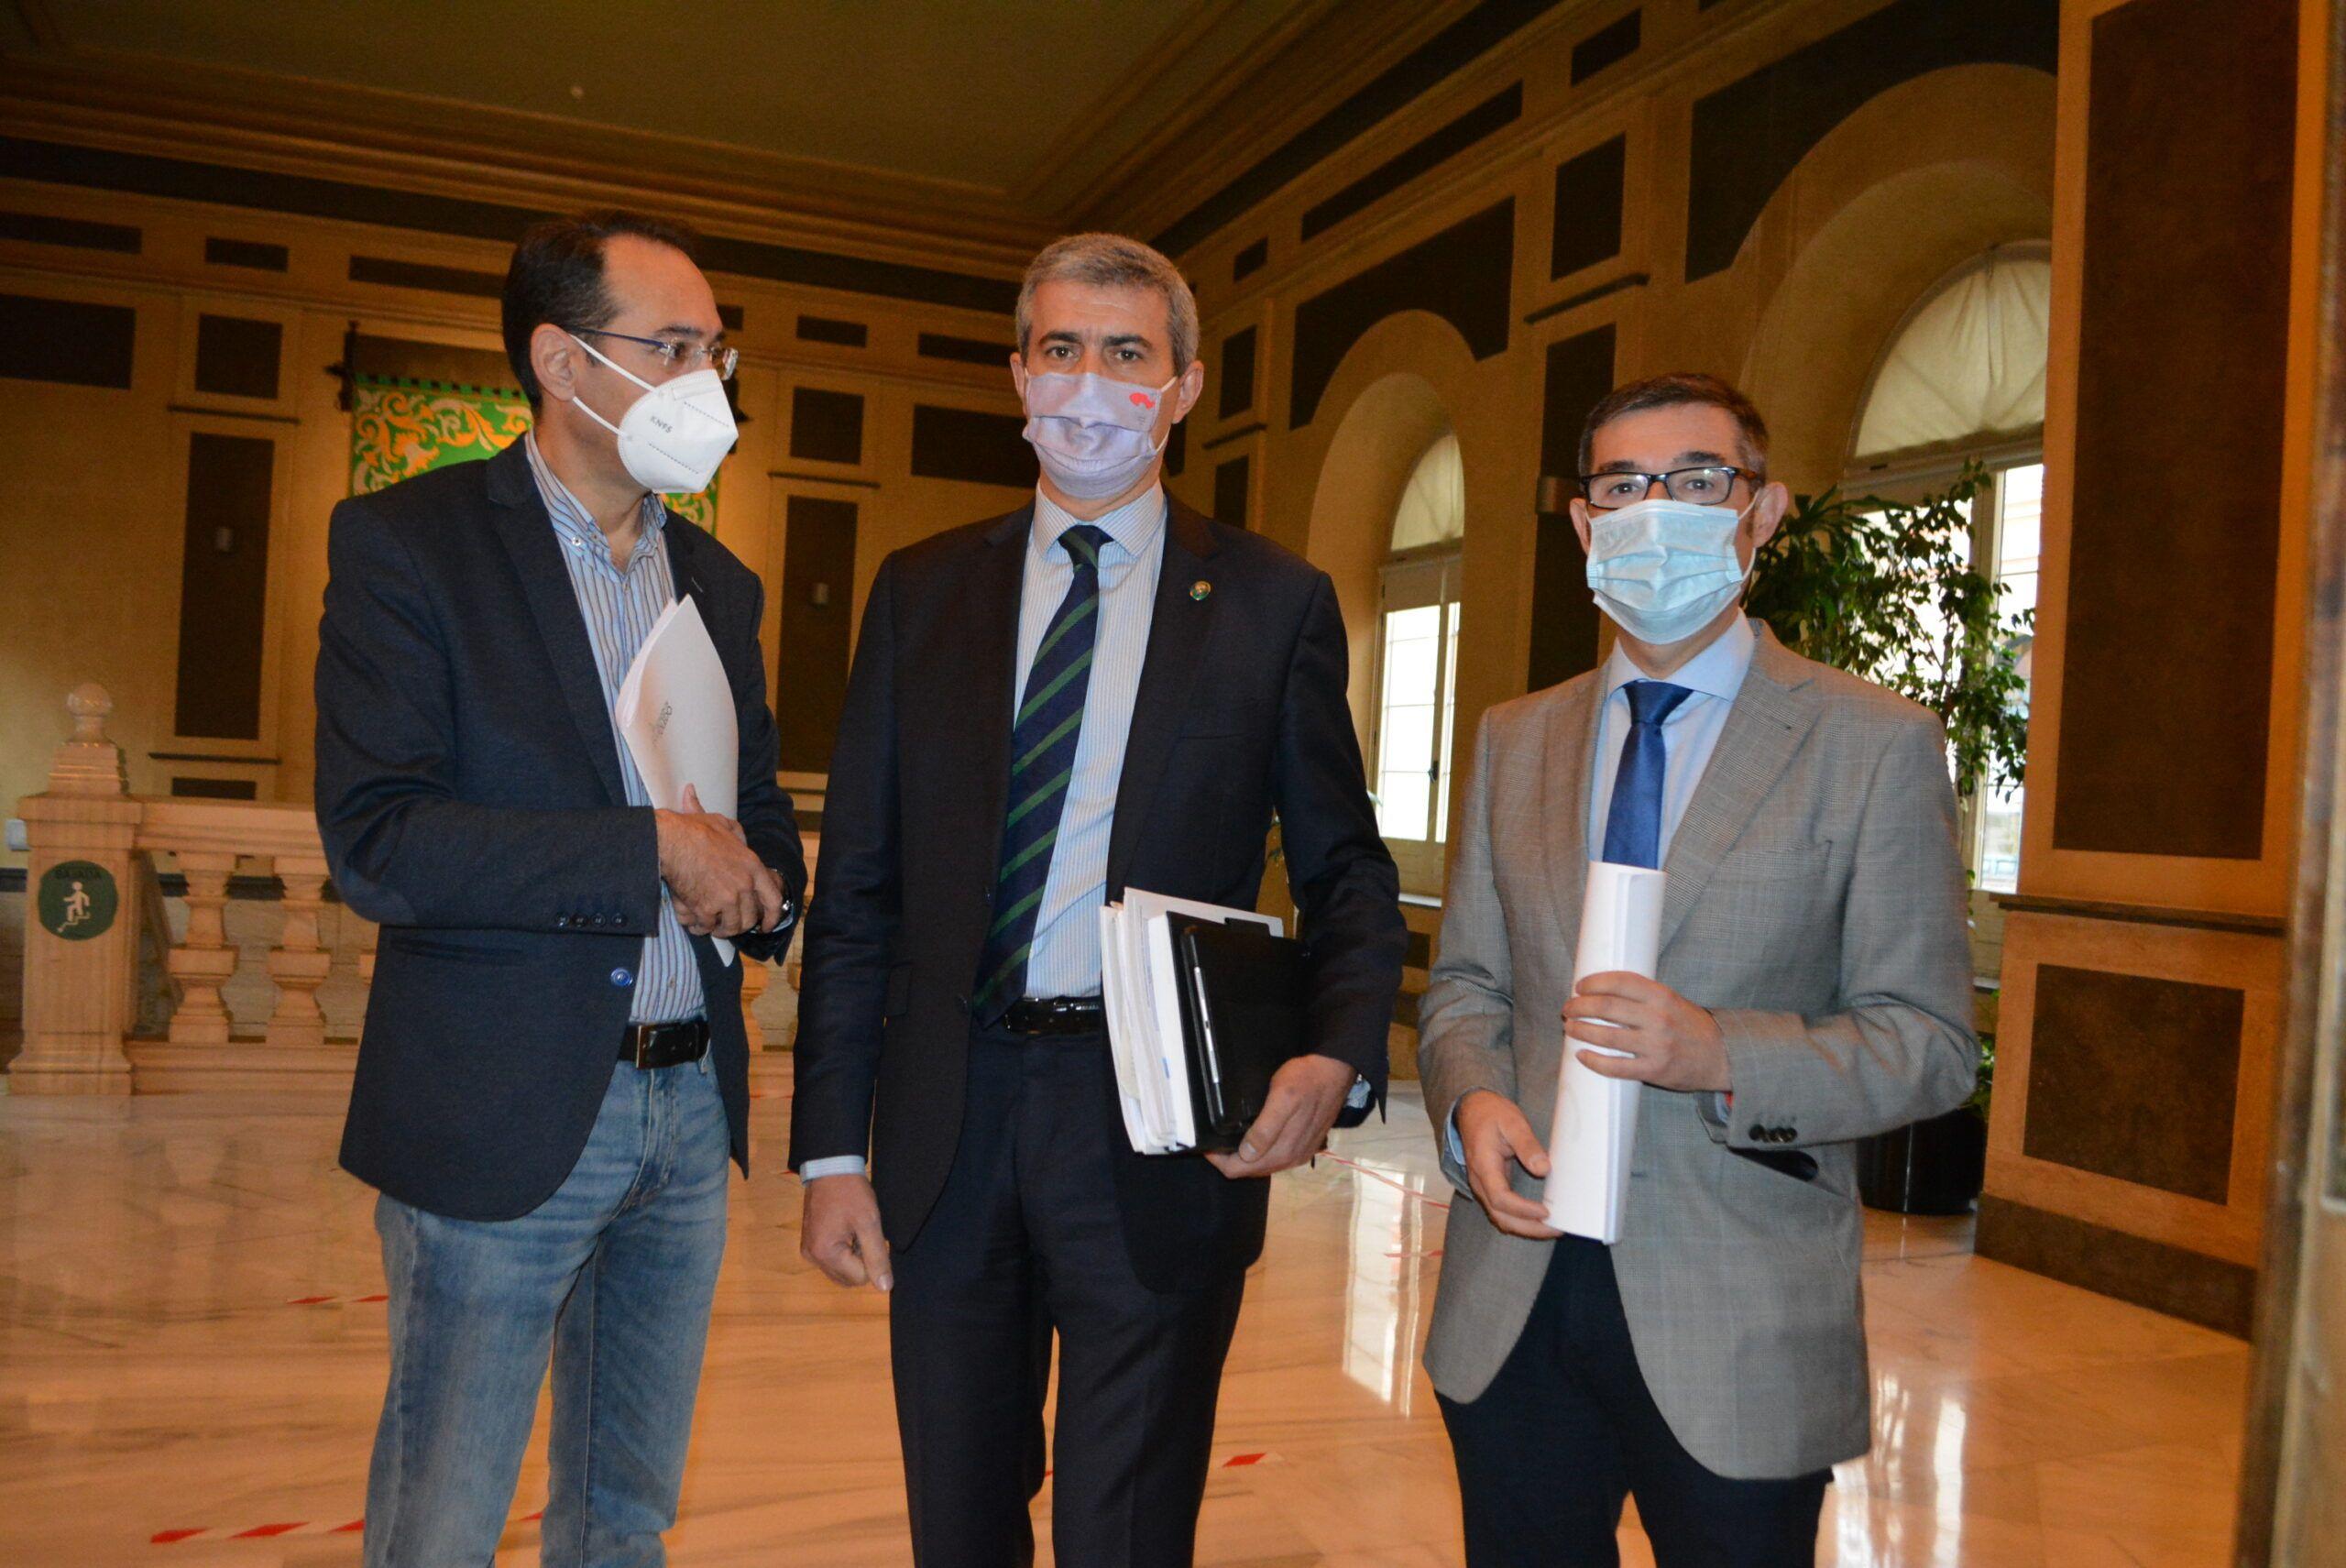 La Diputación anuncia que los Planes de Inversión Municipal se aprobarán a principios de año